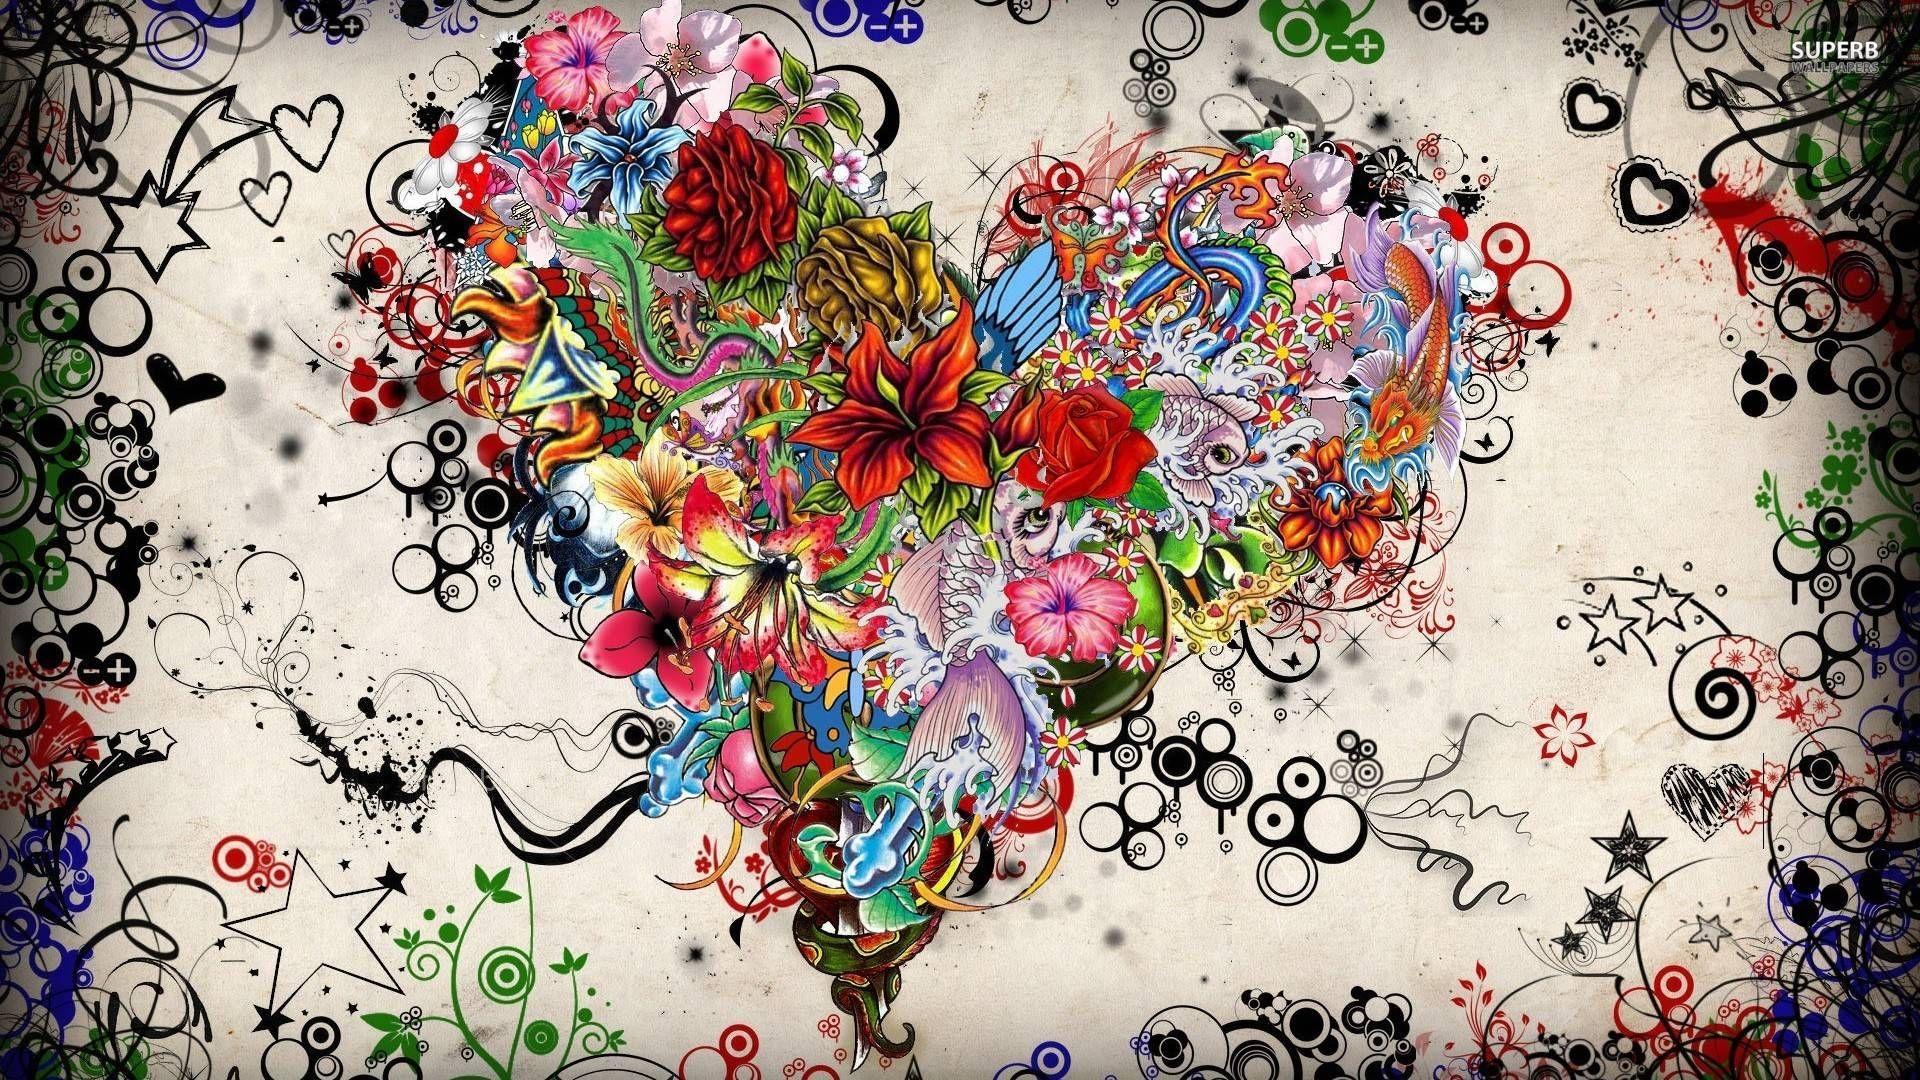 Tattoo Wallpaper Desktop Background m3c Heart art, Love